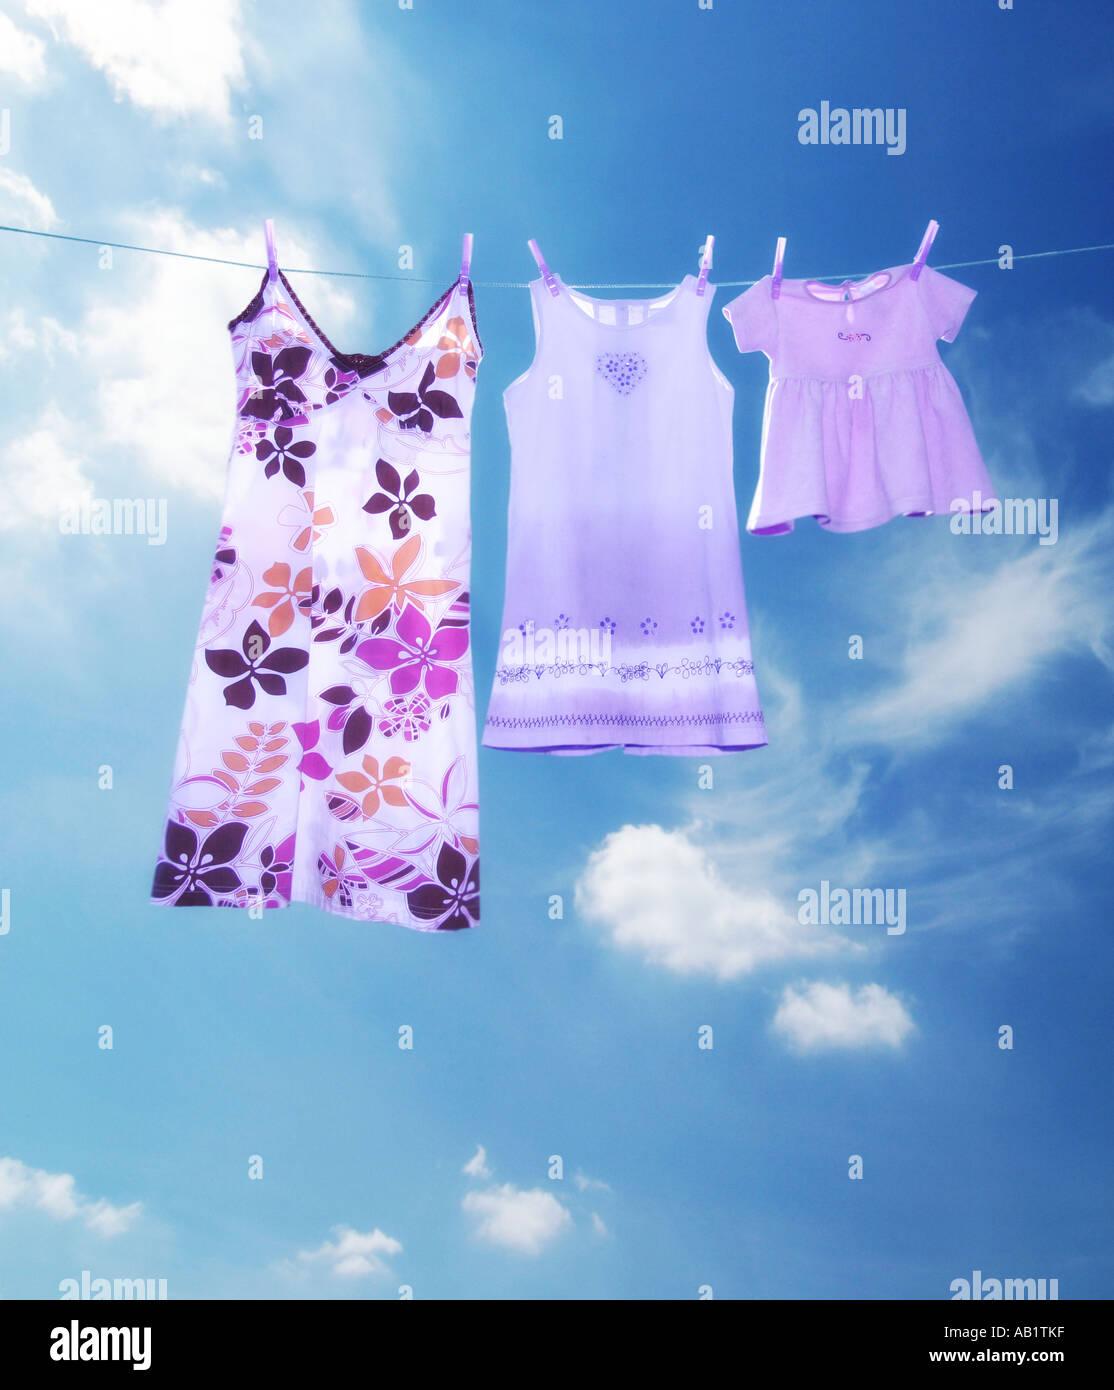 Tres vestidos en una línea de lavado Imagen De Stock